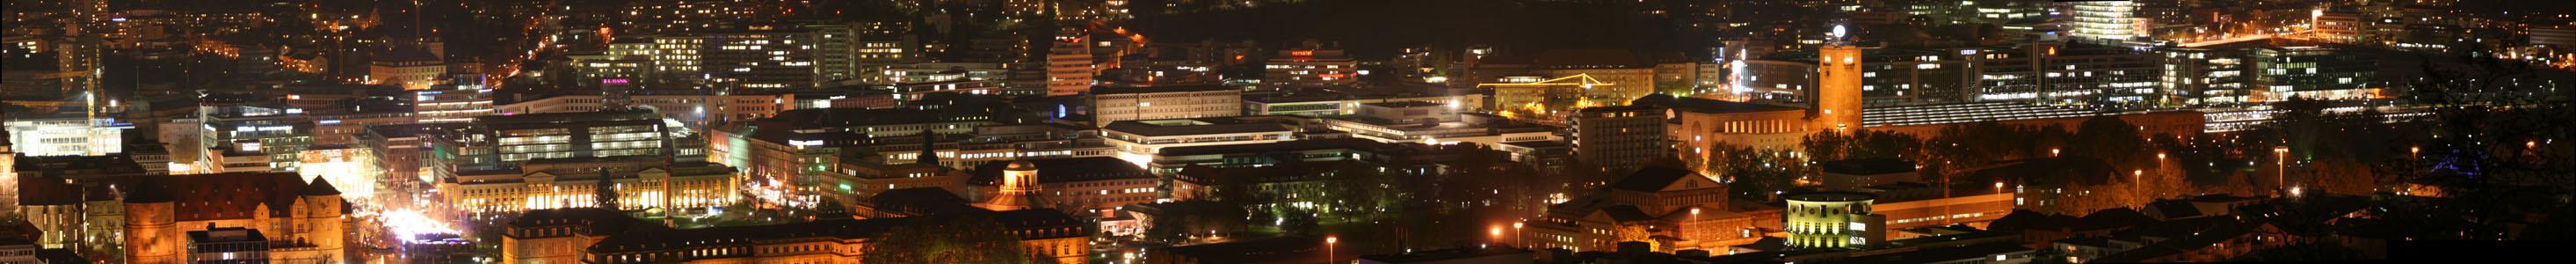 Kleine Version von Stuttgart